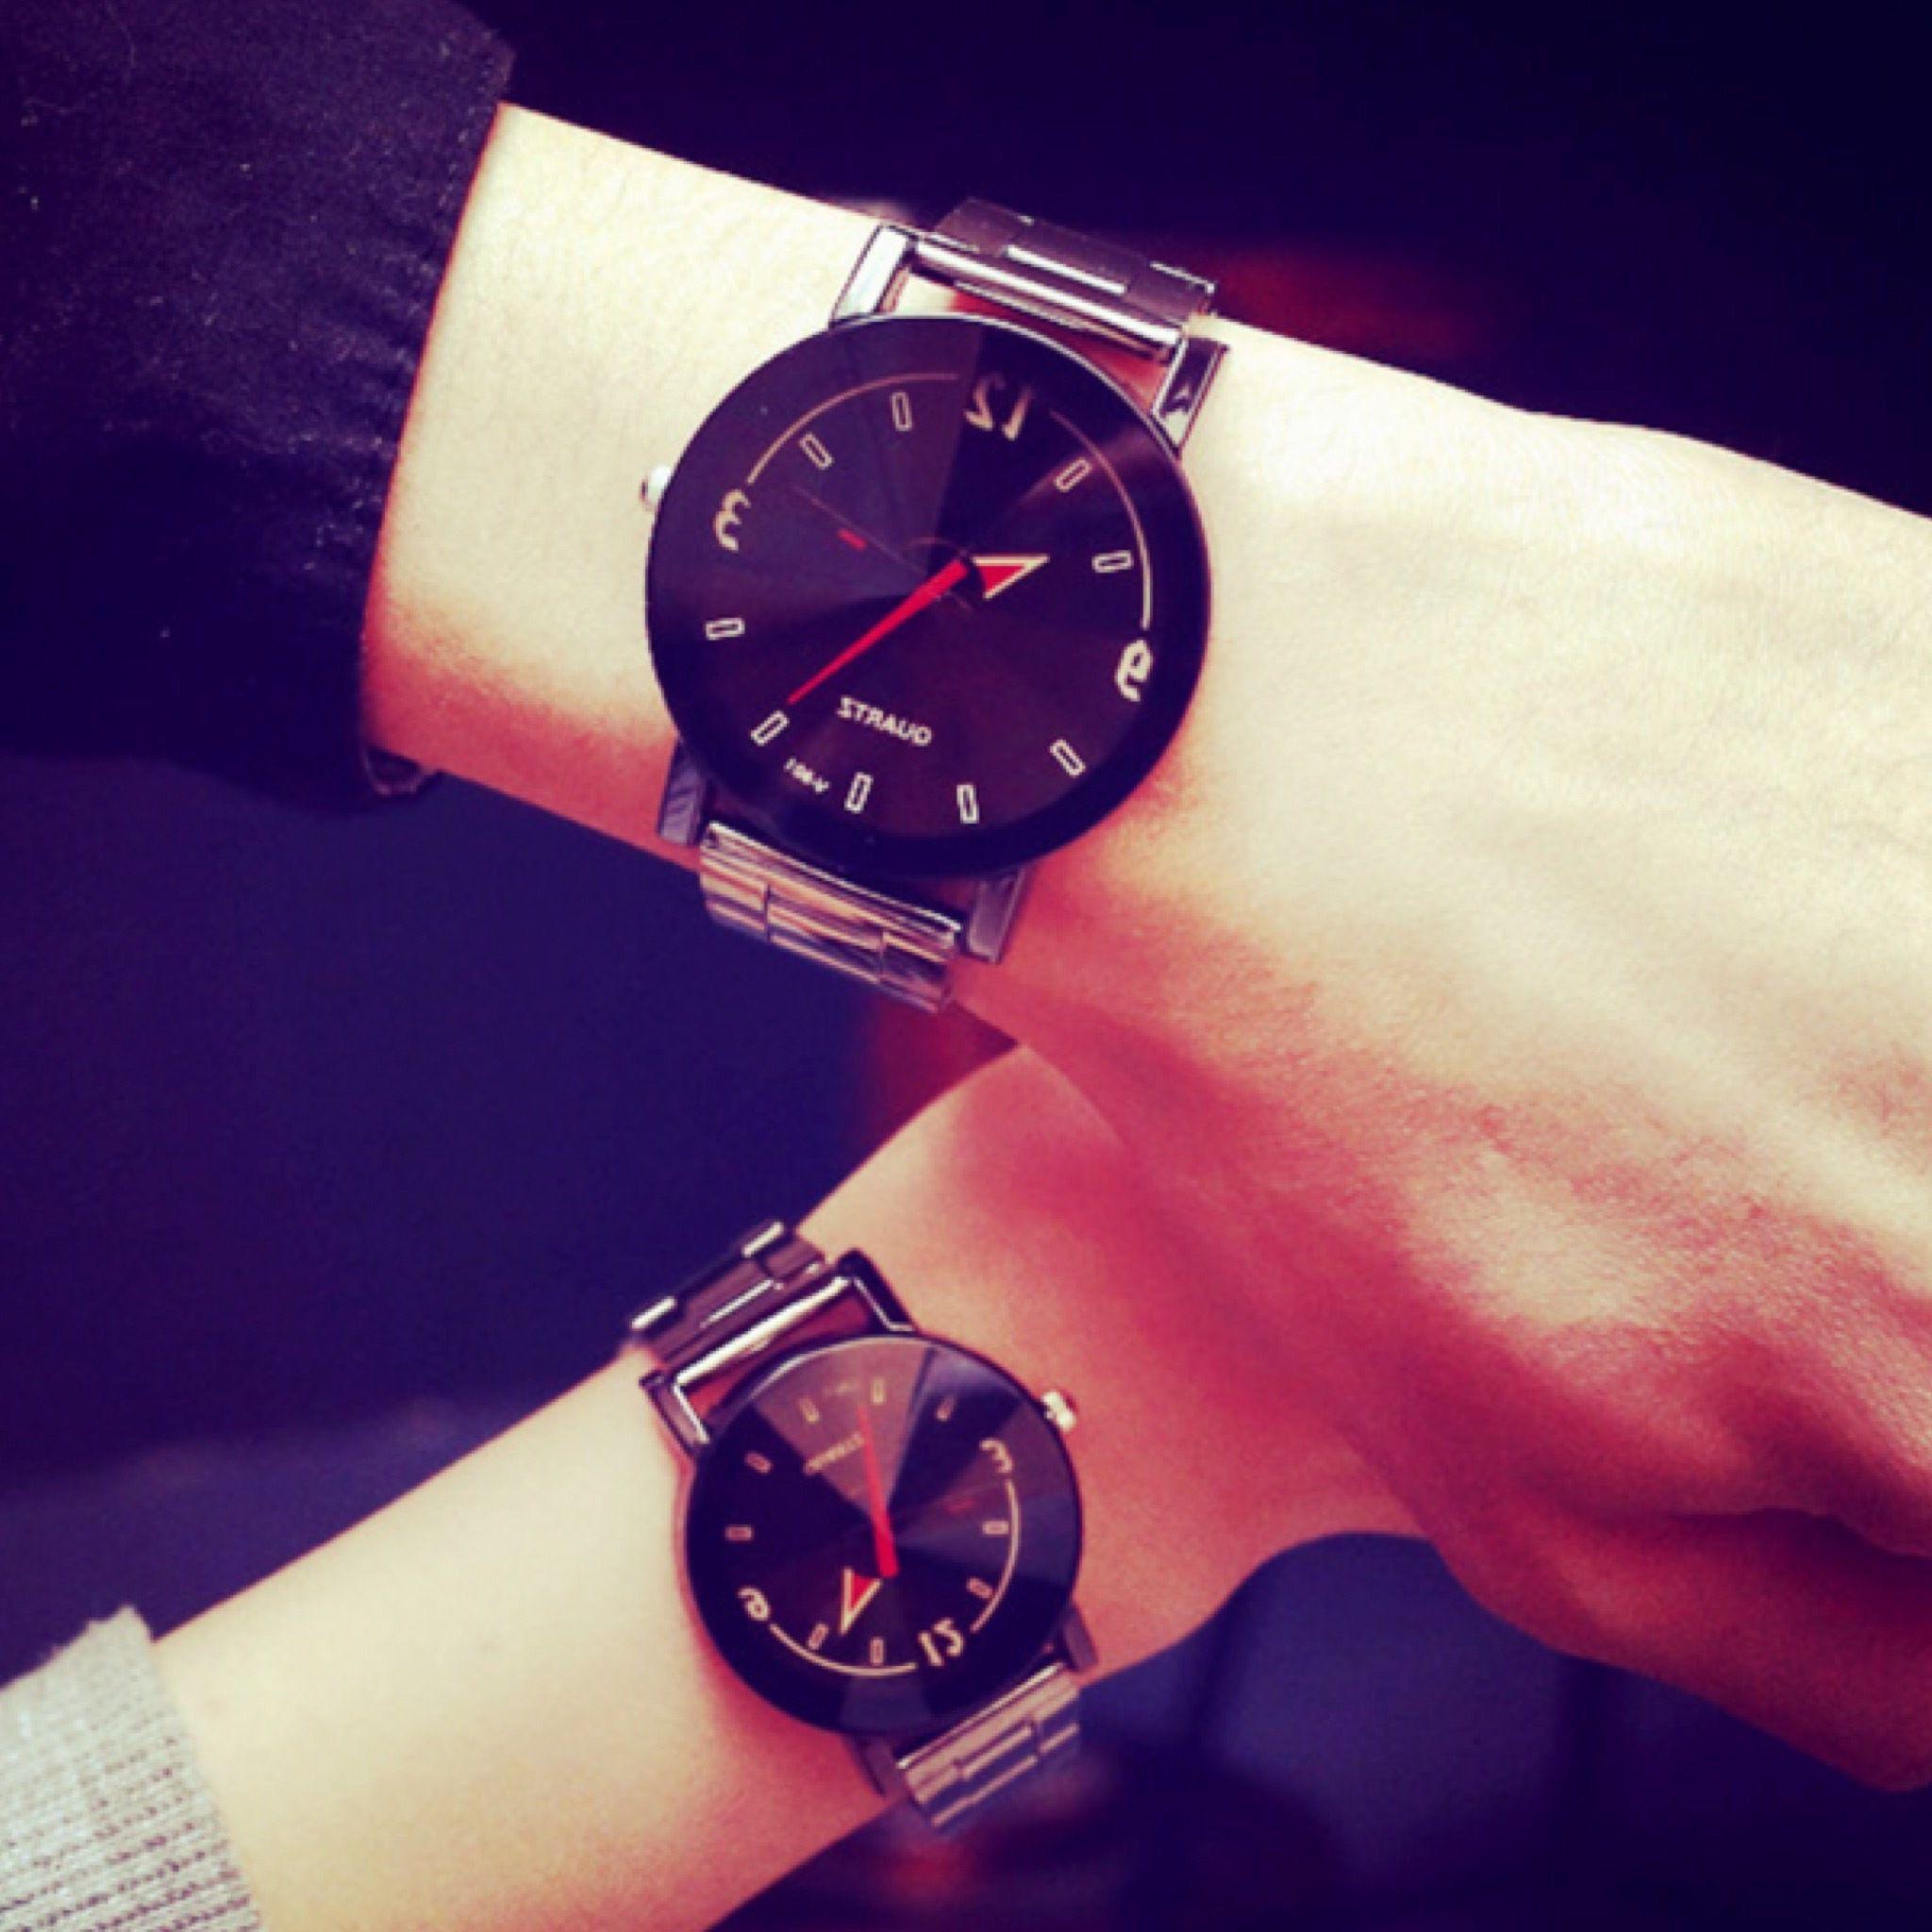 【ペア価格】クリアペアウォッチ ブラック レディース×メンズ シンプル ギフト 人気 プレゼント 時計 おしゃれ 安い かわいい スケルトン ブレスレット 腕時計 黒